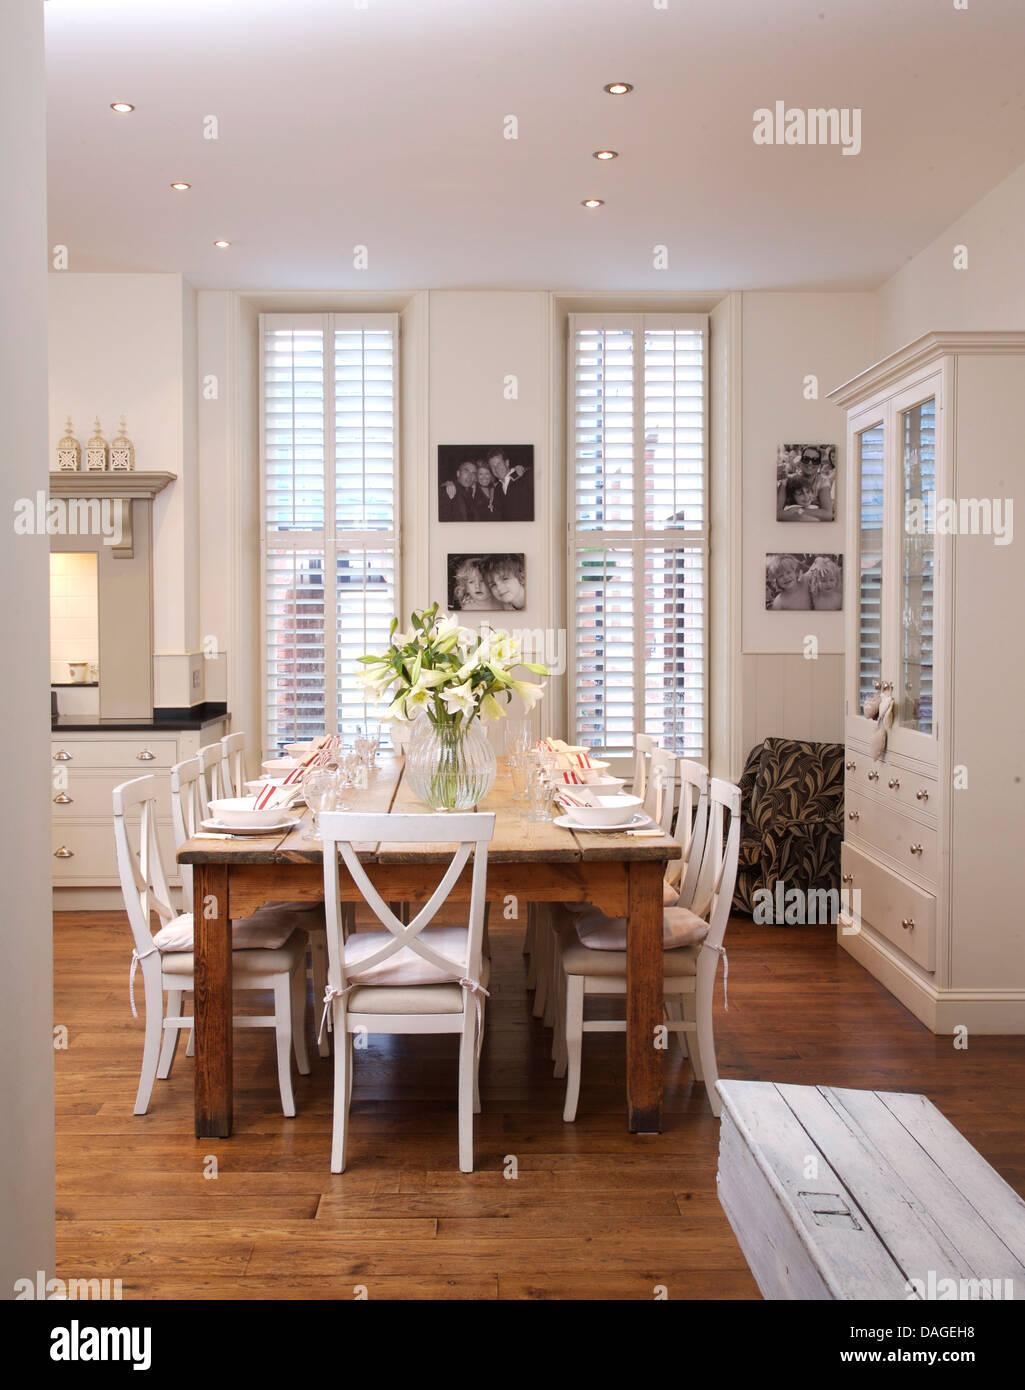 Weiße Stühle Bei Einfachen Holztisch In Modernen Weißen Küche Esszimmer Mit  Parkettboden Und Weiße Plantage Fensterläden